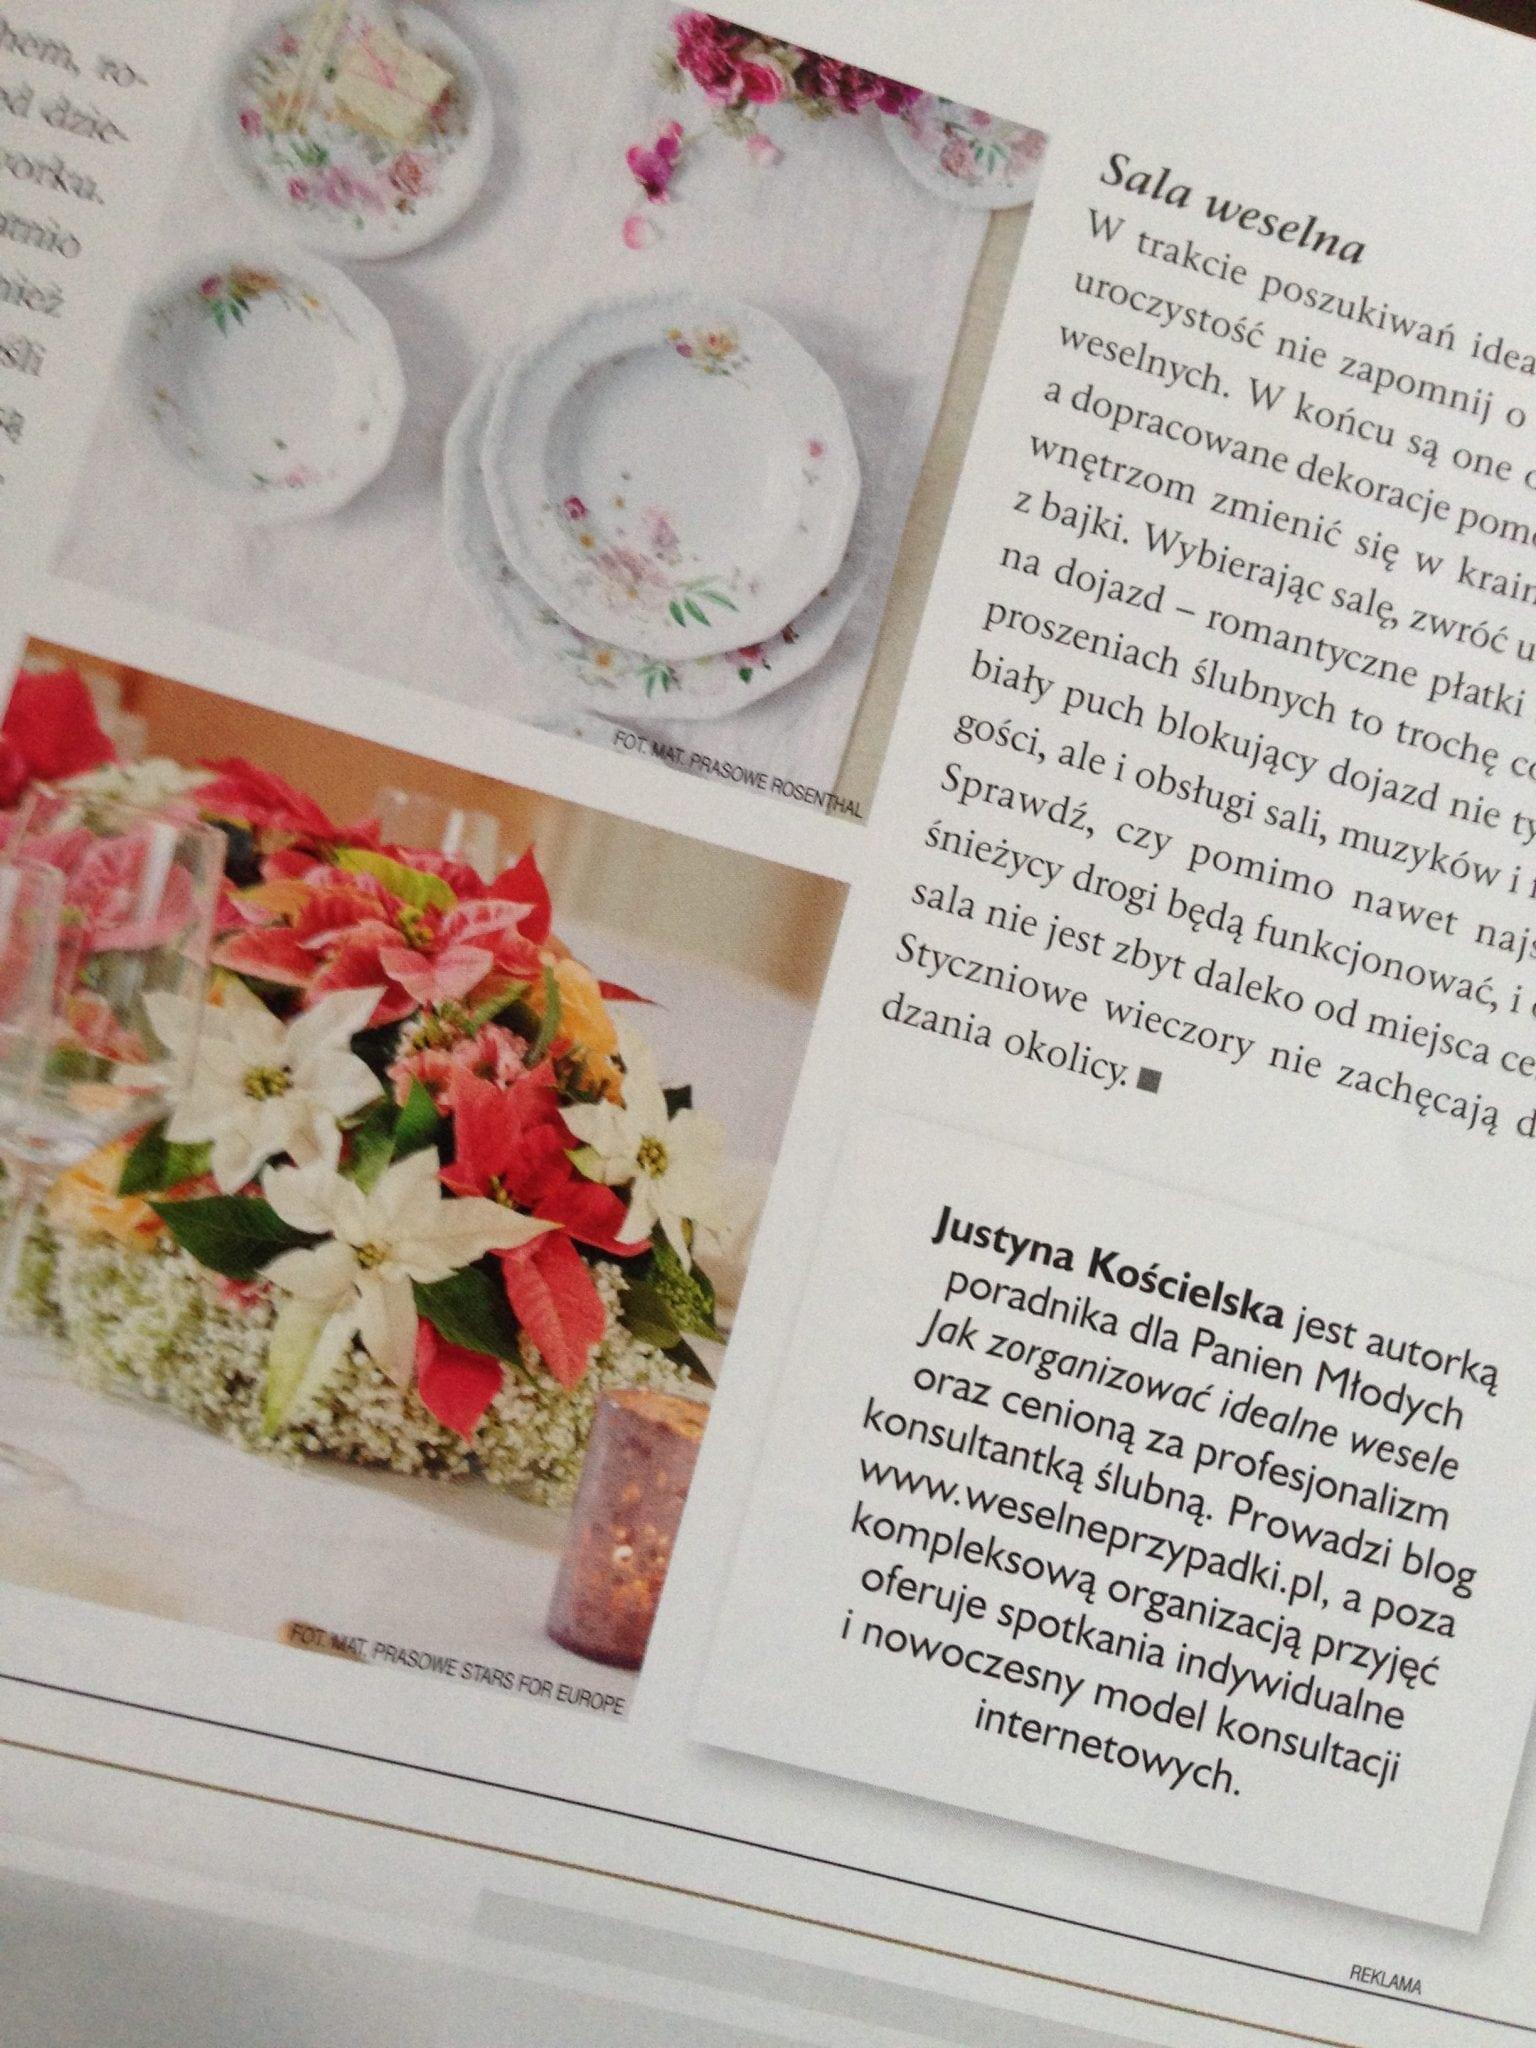 mój artykuł w magazynie wesele